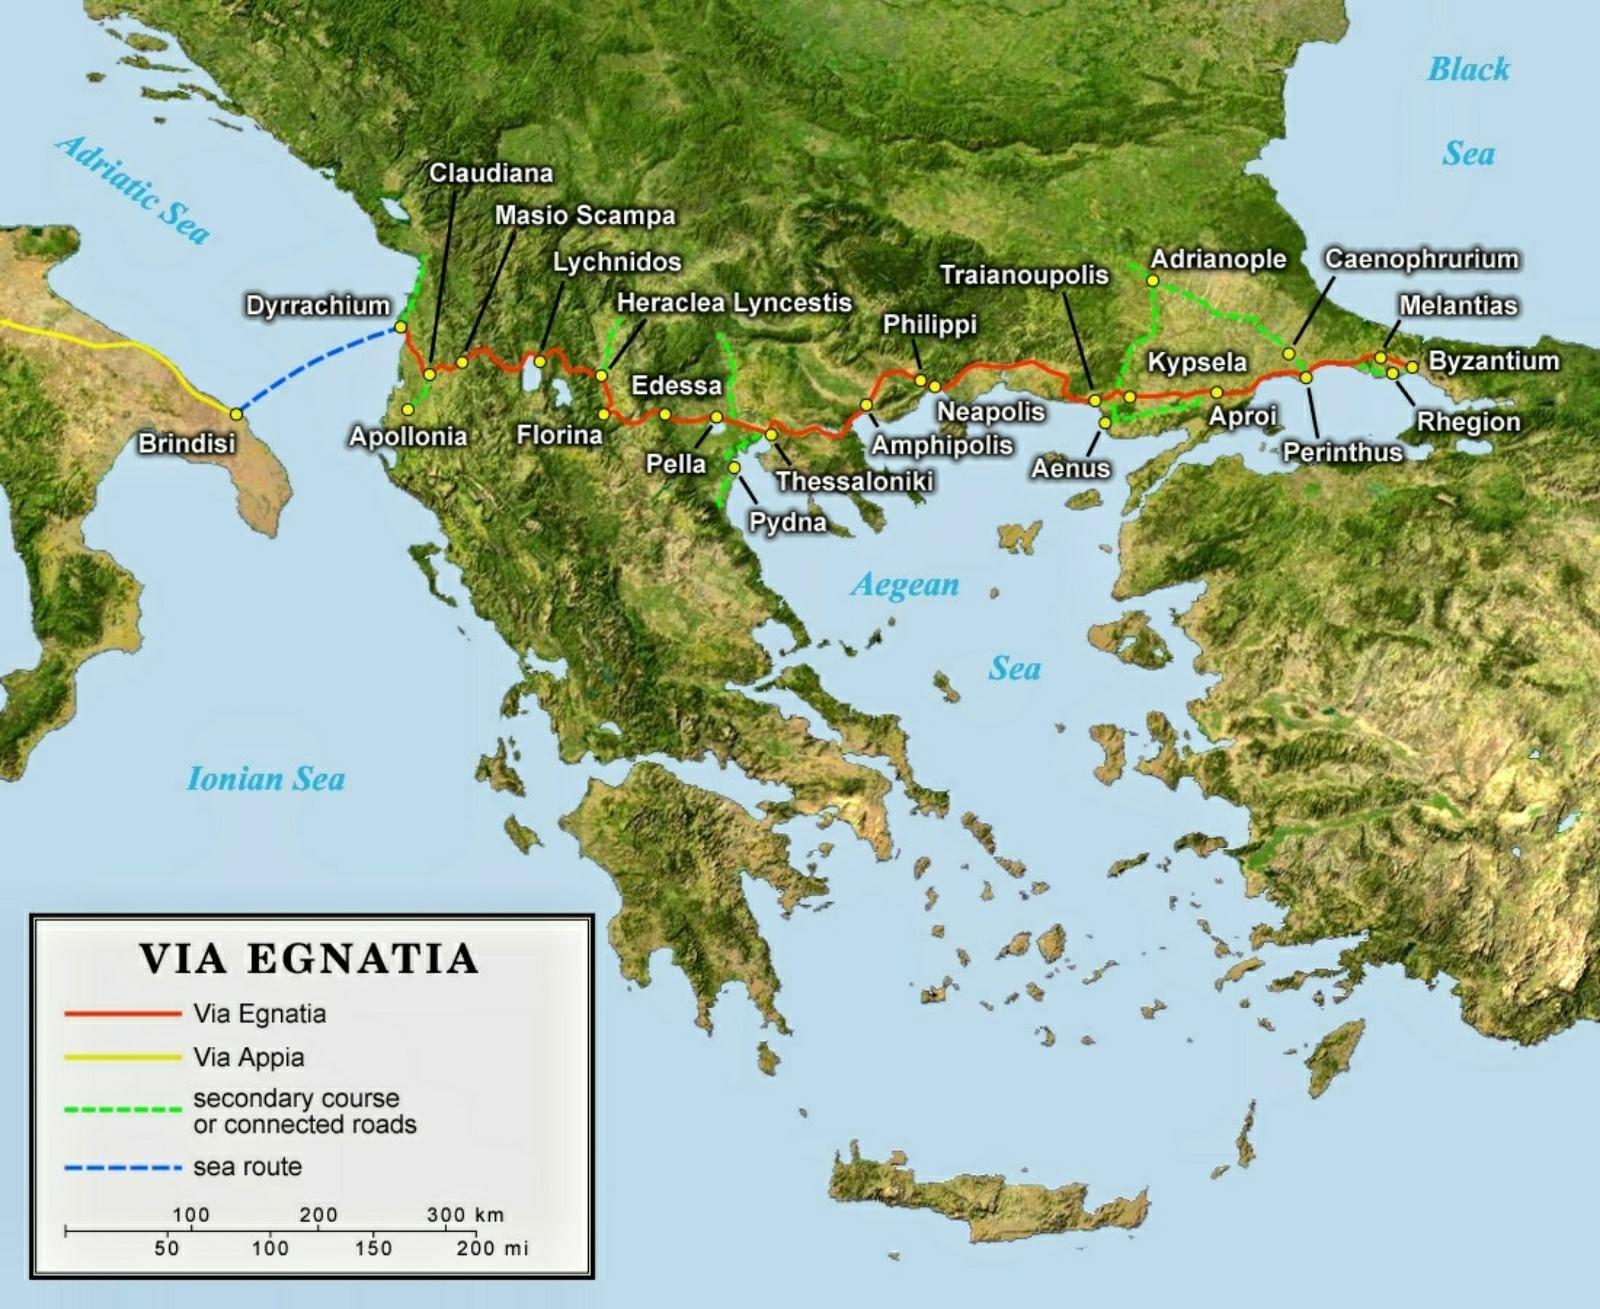 Via Egnatia map